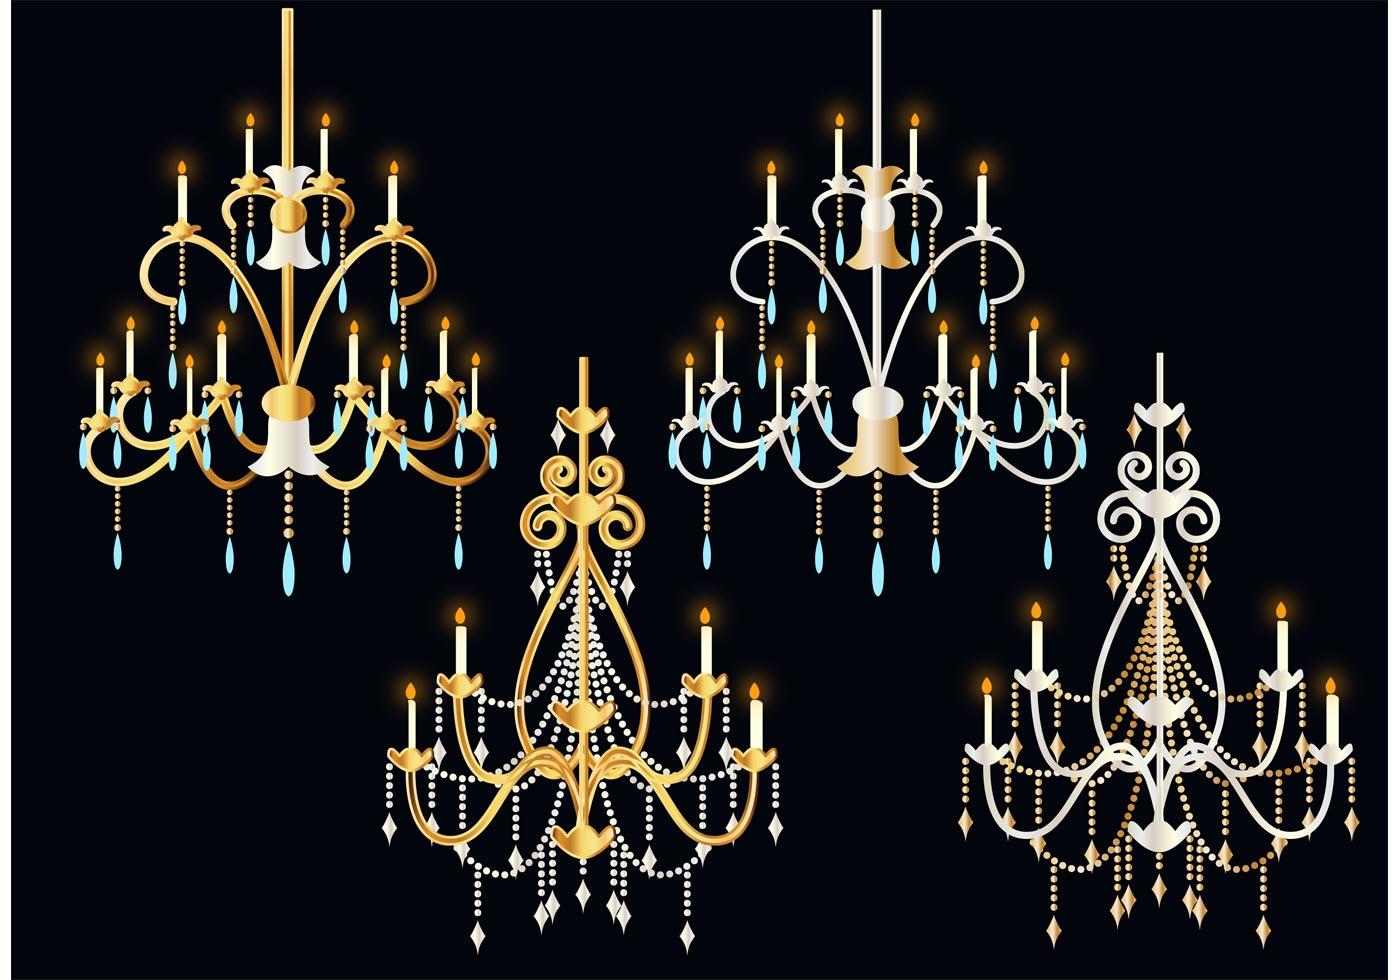 Crystal Chandelier Vectors Download Free Vector Art